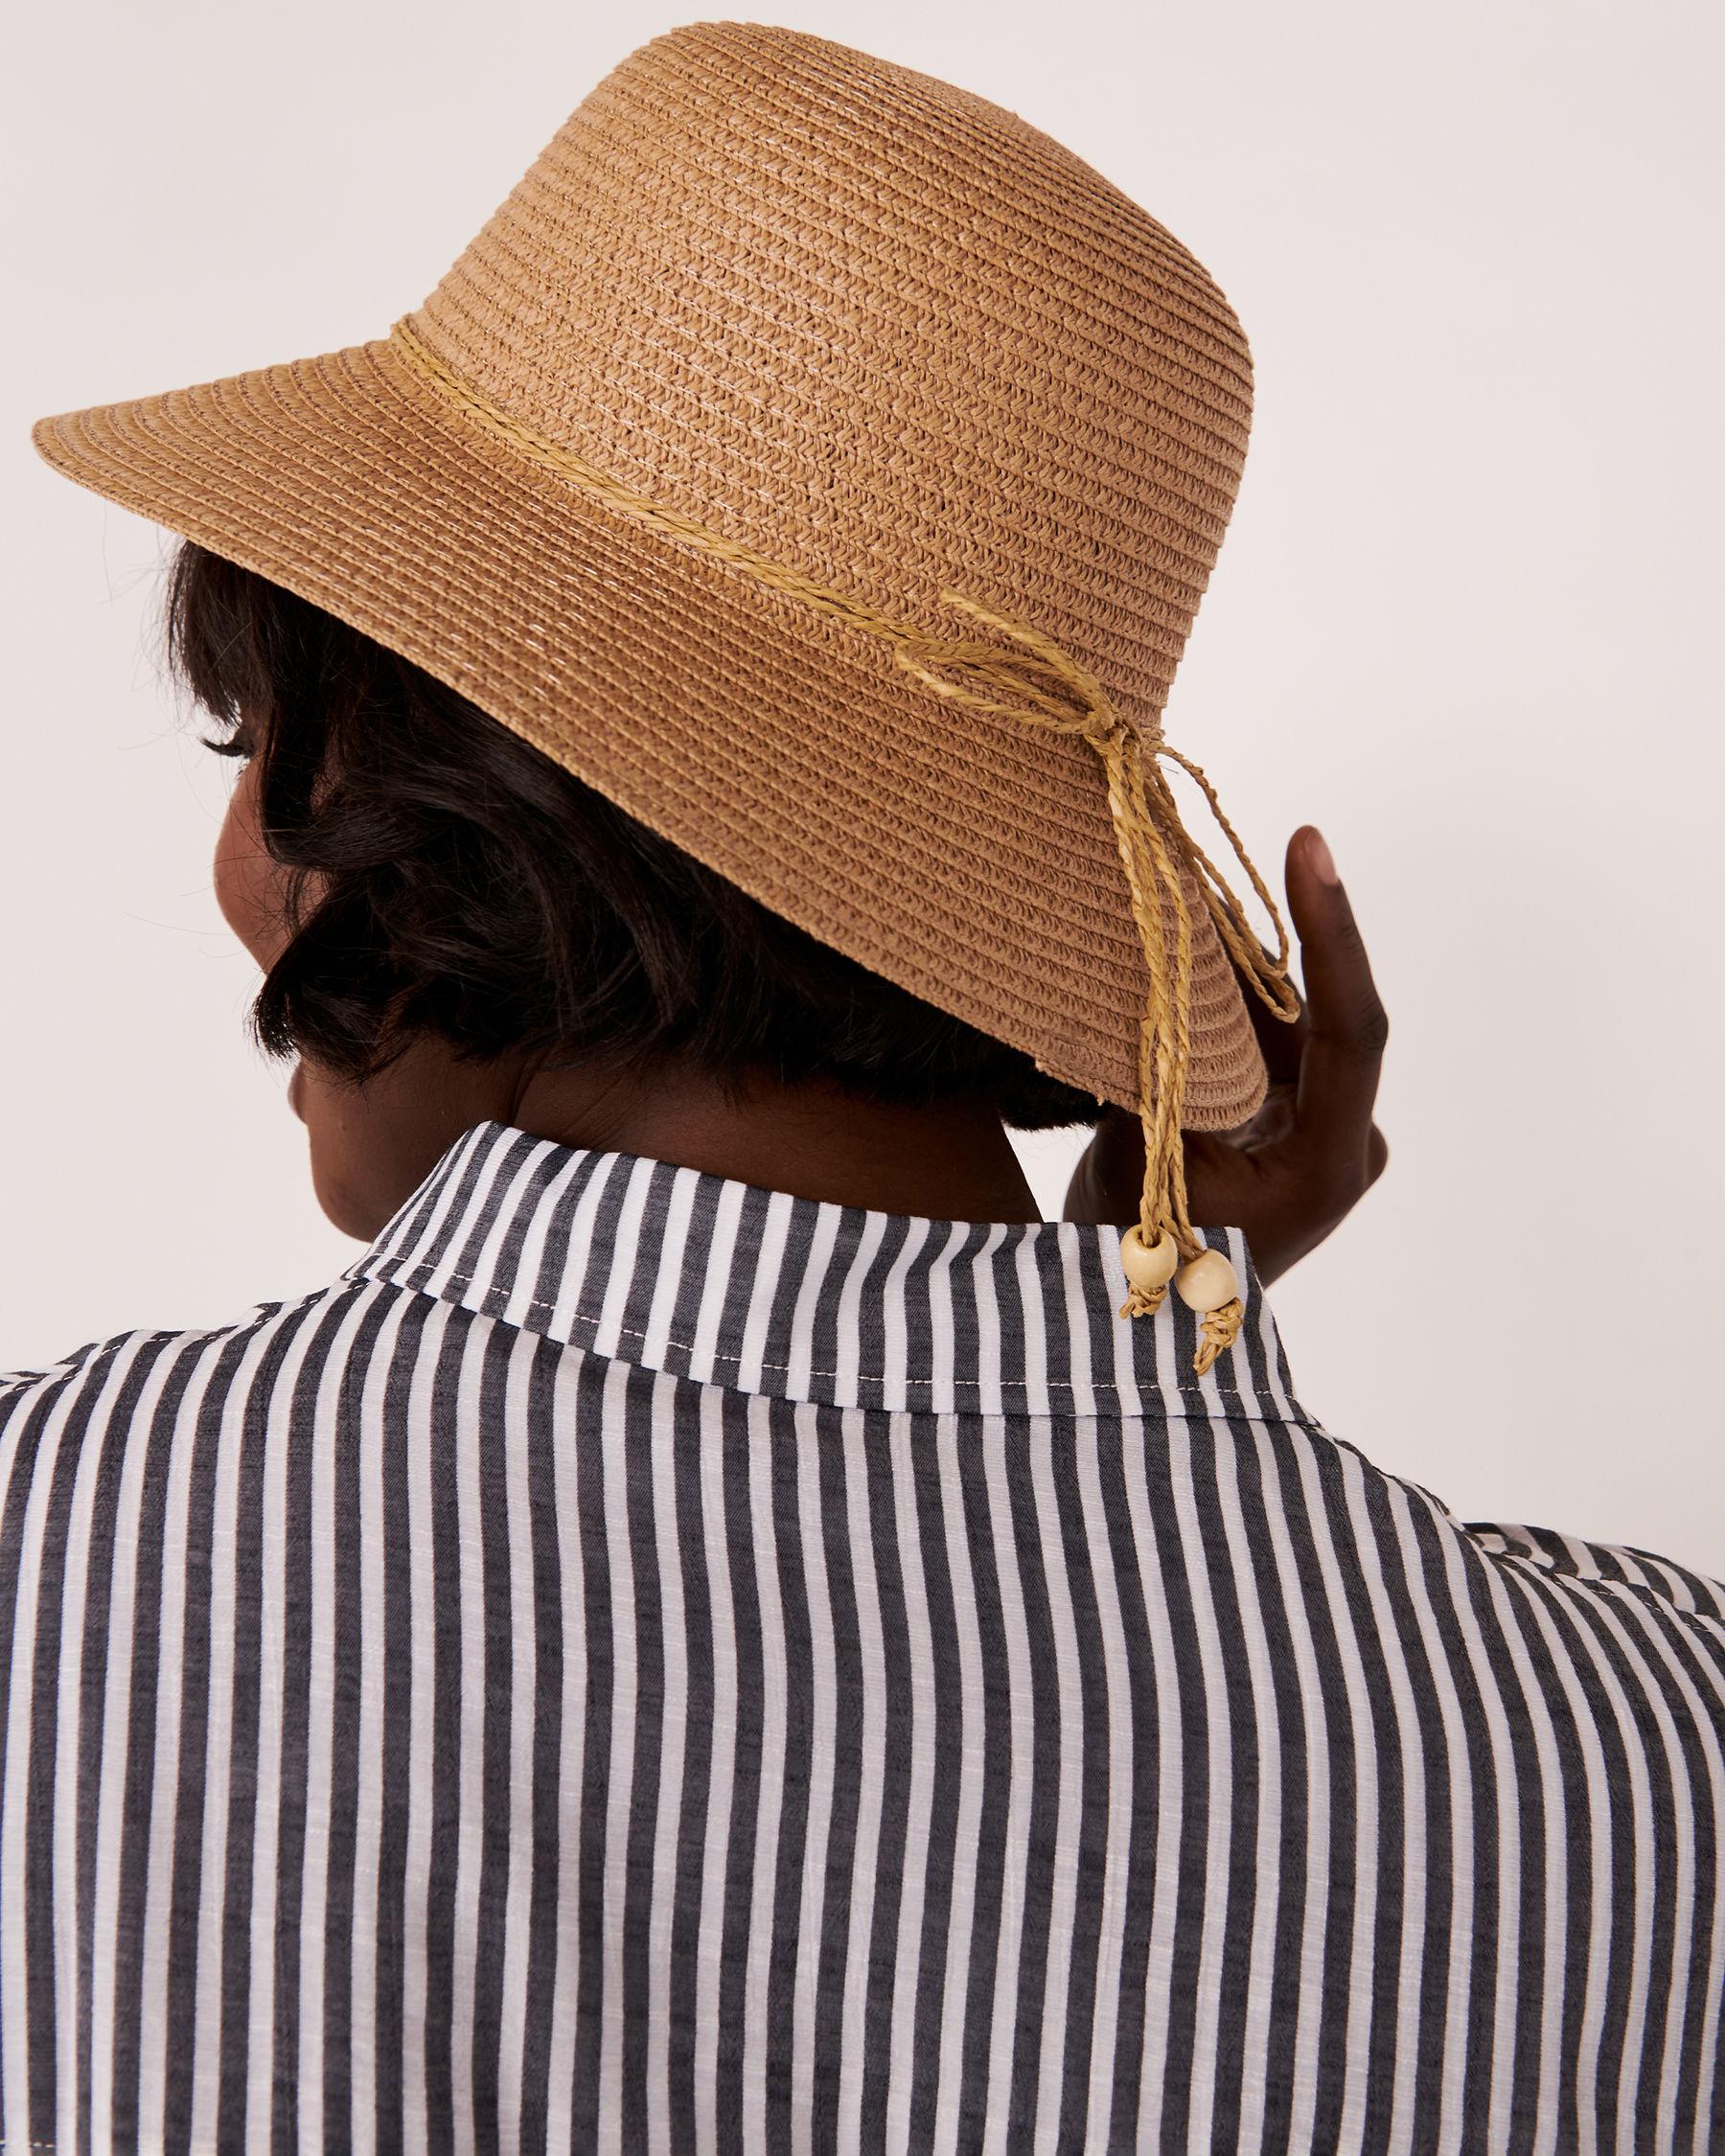 LA VIE EN ROSE AQUA Cloche Hat with String Nude 80500009 - View2